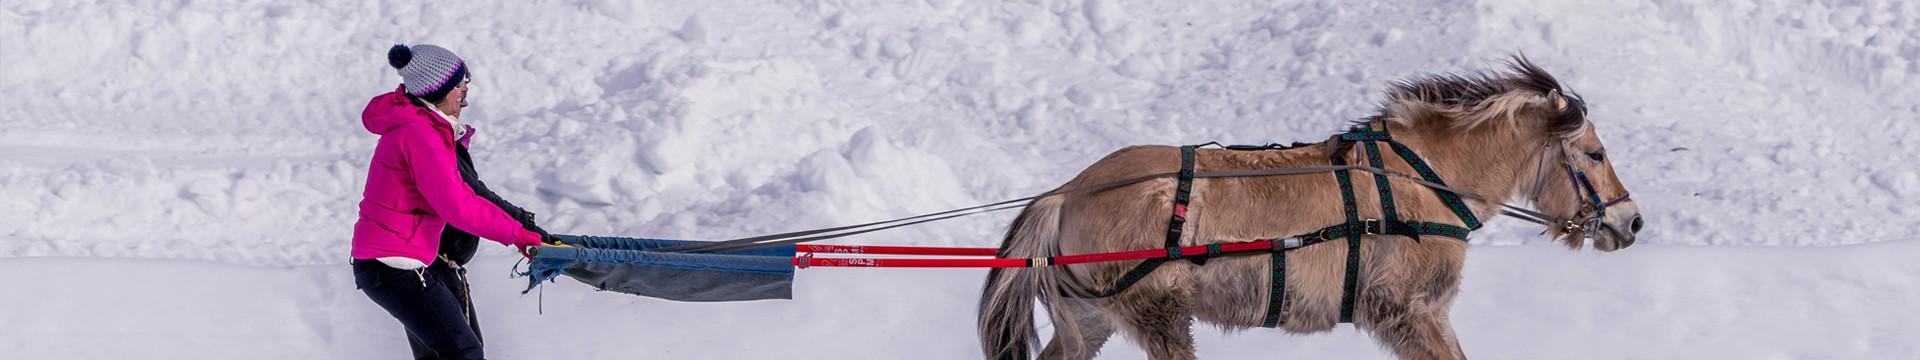 ski-joering-01-9021-9715-9934